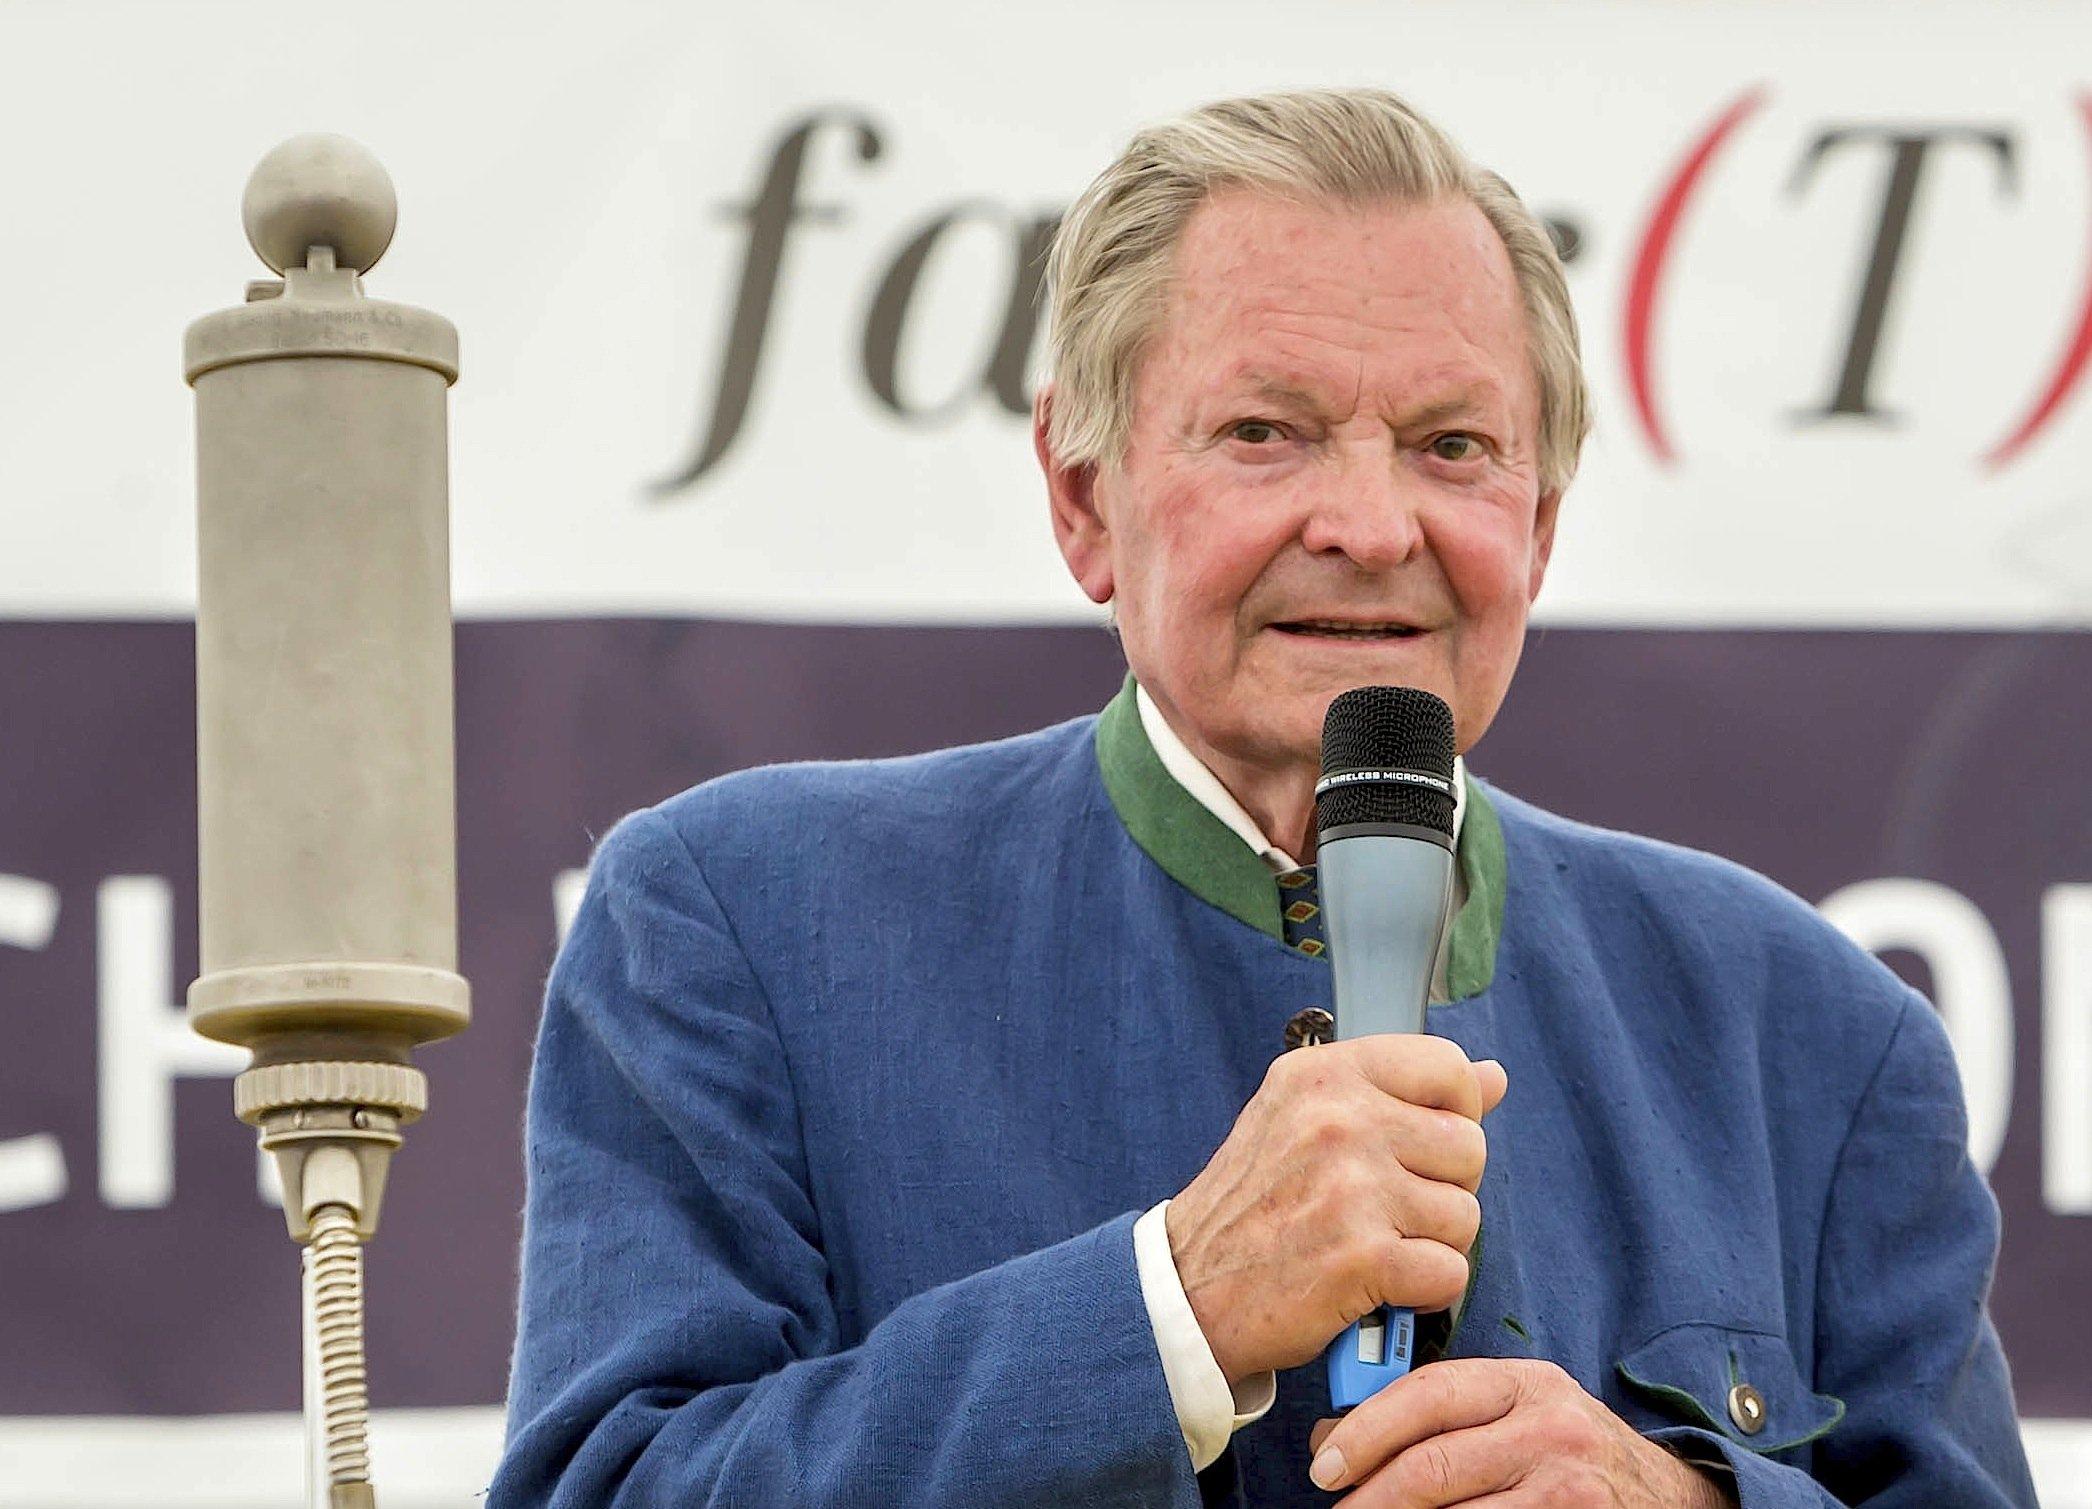 Porsche-Enkel Ernst Piëch rechnet aktuell mit der Automobilpolitik in Deutschland ab. Das Auto sei ein Auslaufmodell.